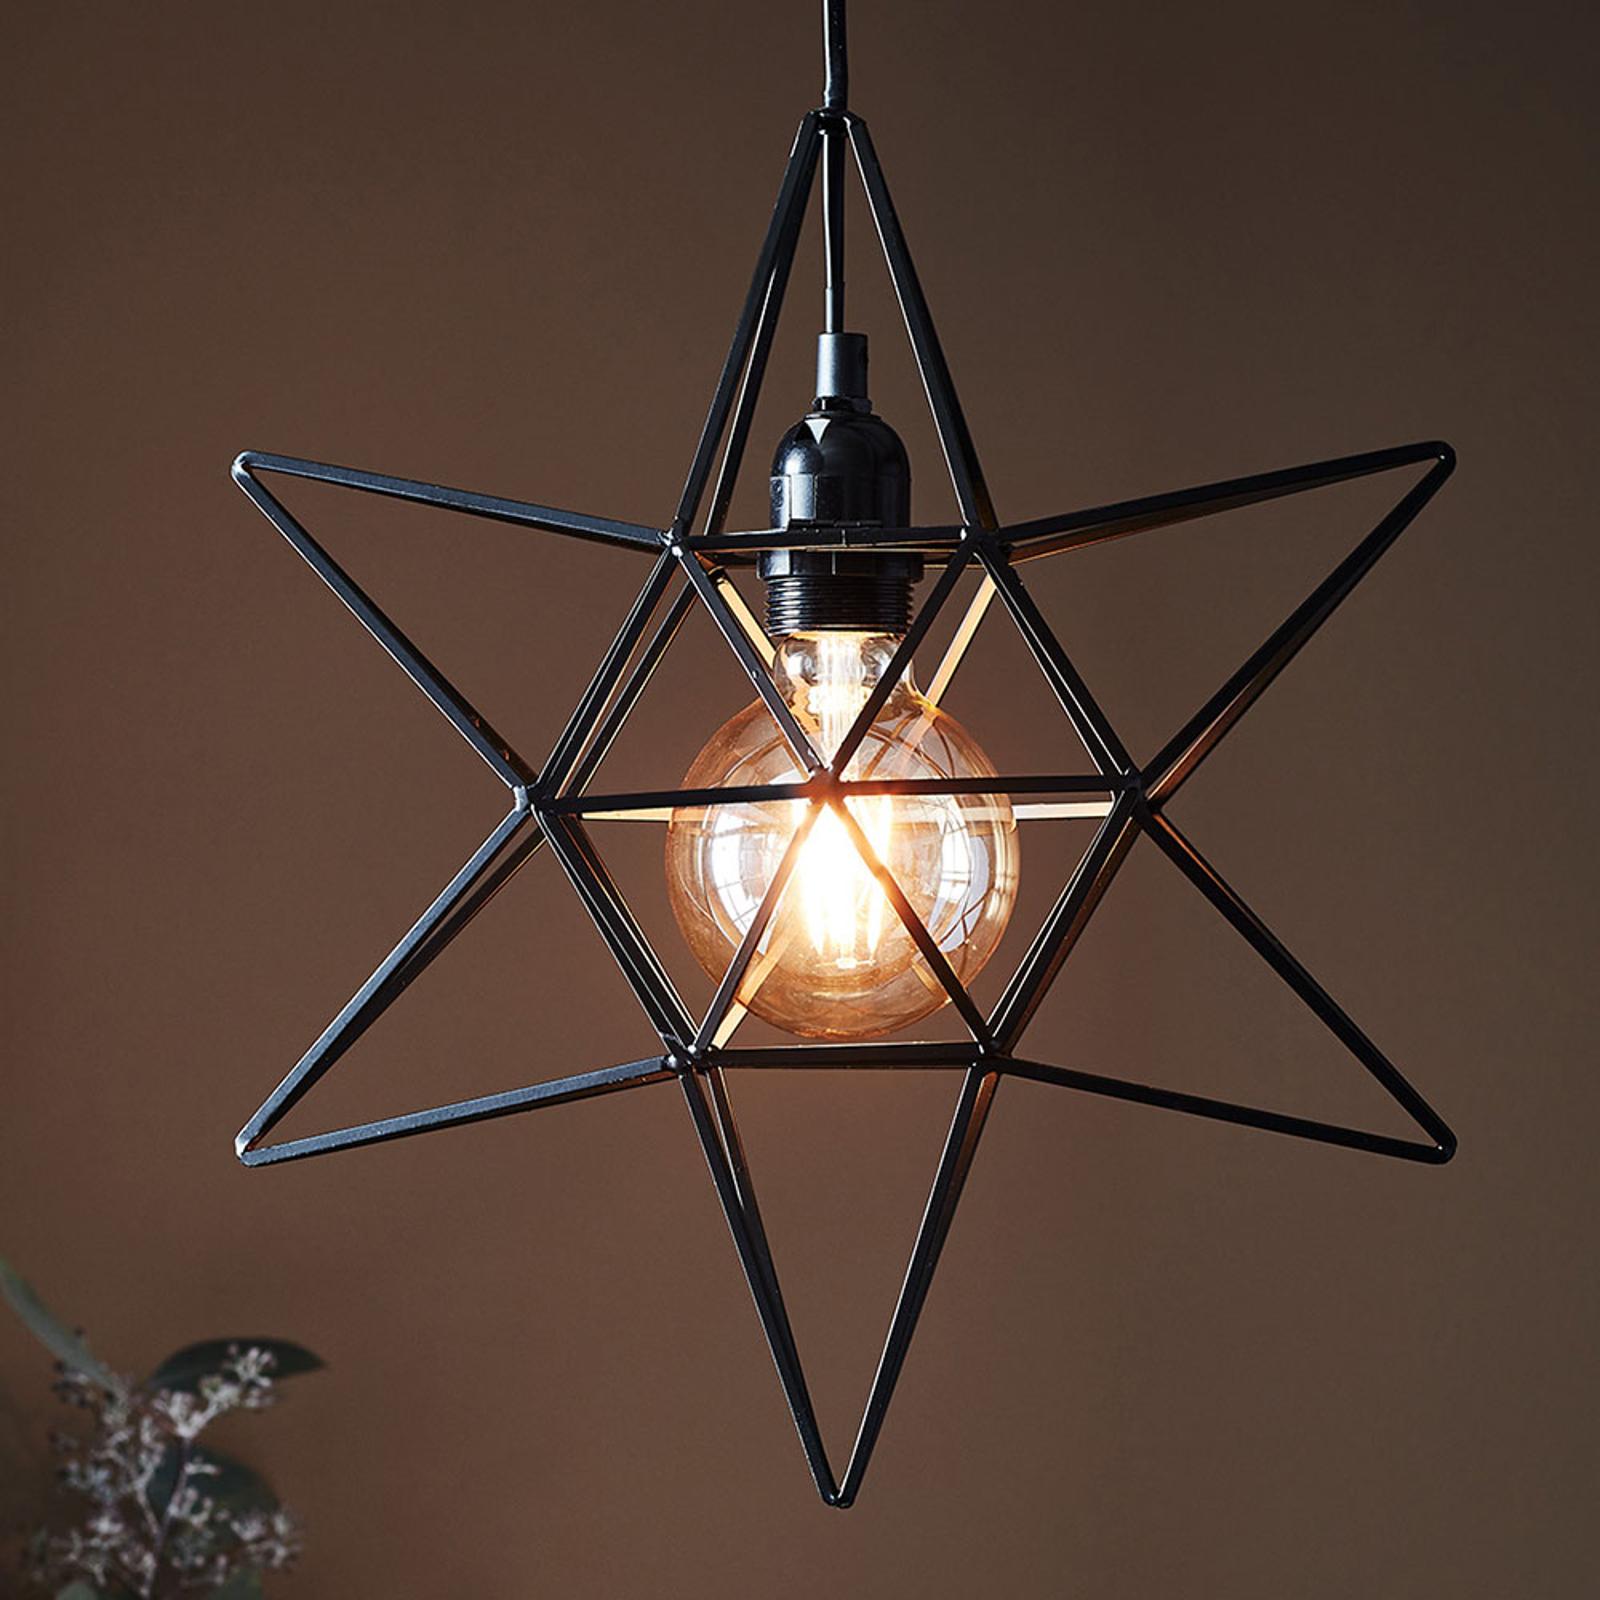 Contour dekostjerne som hængelampe, sort